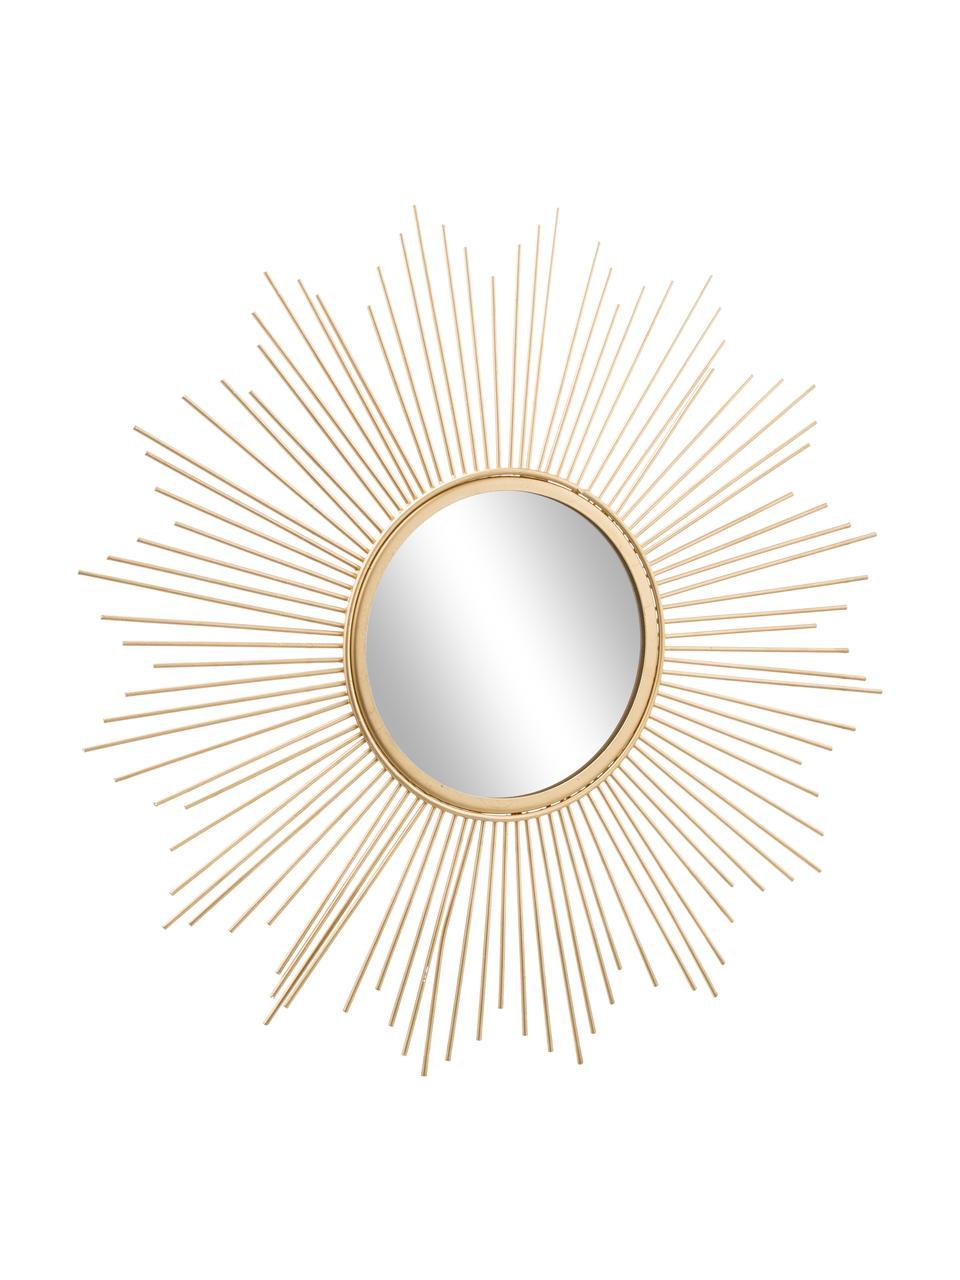 Specchio dorato Brooklyn, Cornice: metallo rivestito, Superficie dello specchio: lastra di vetro, Dorato, Ø 50 cm x Prof. 2 cm